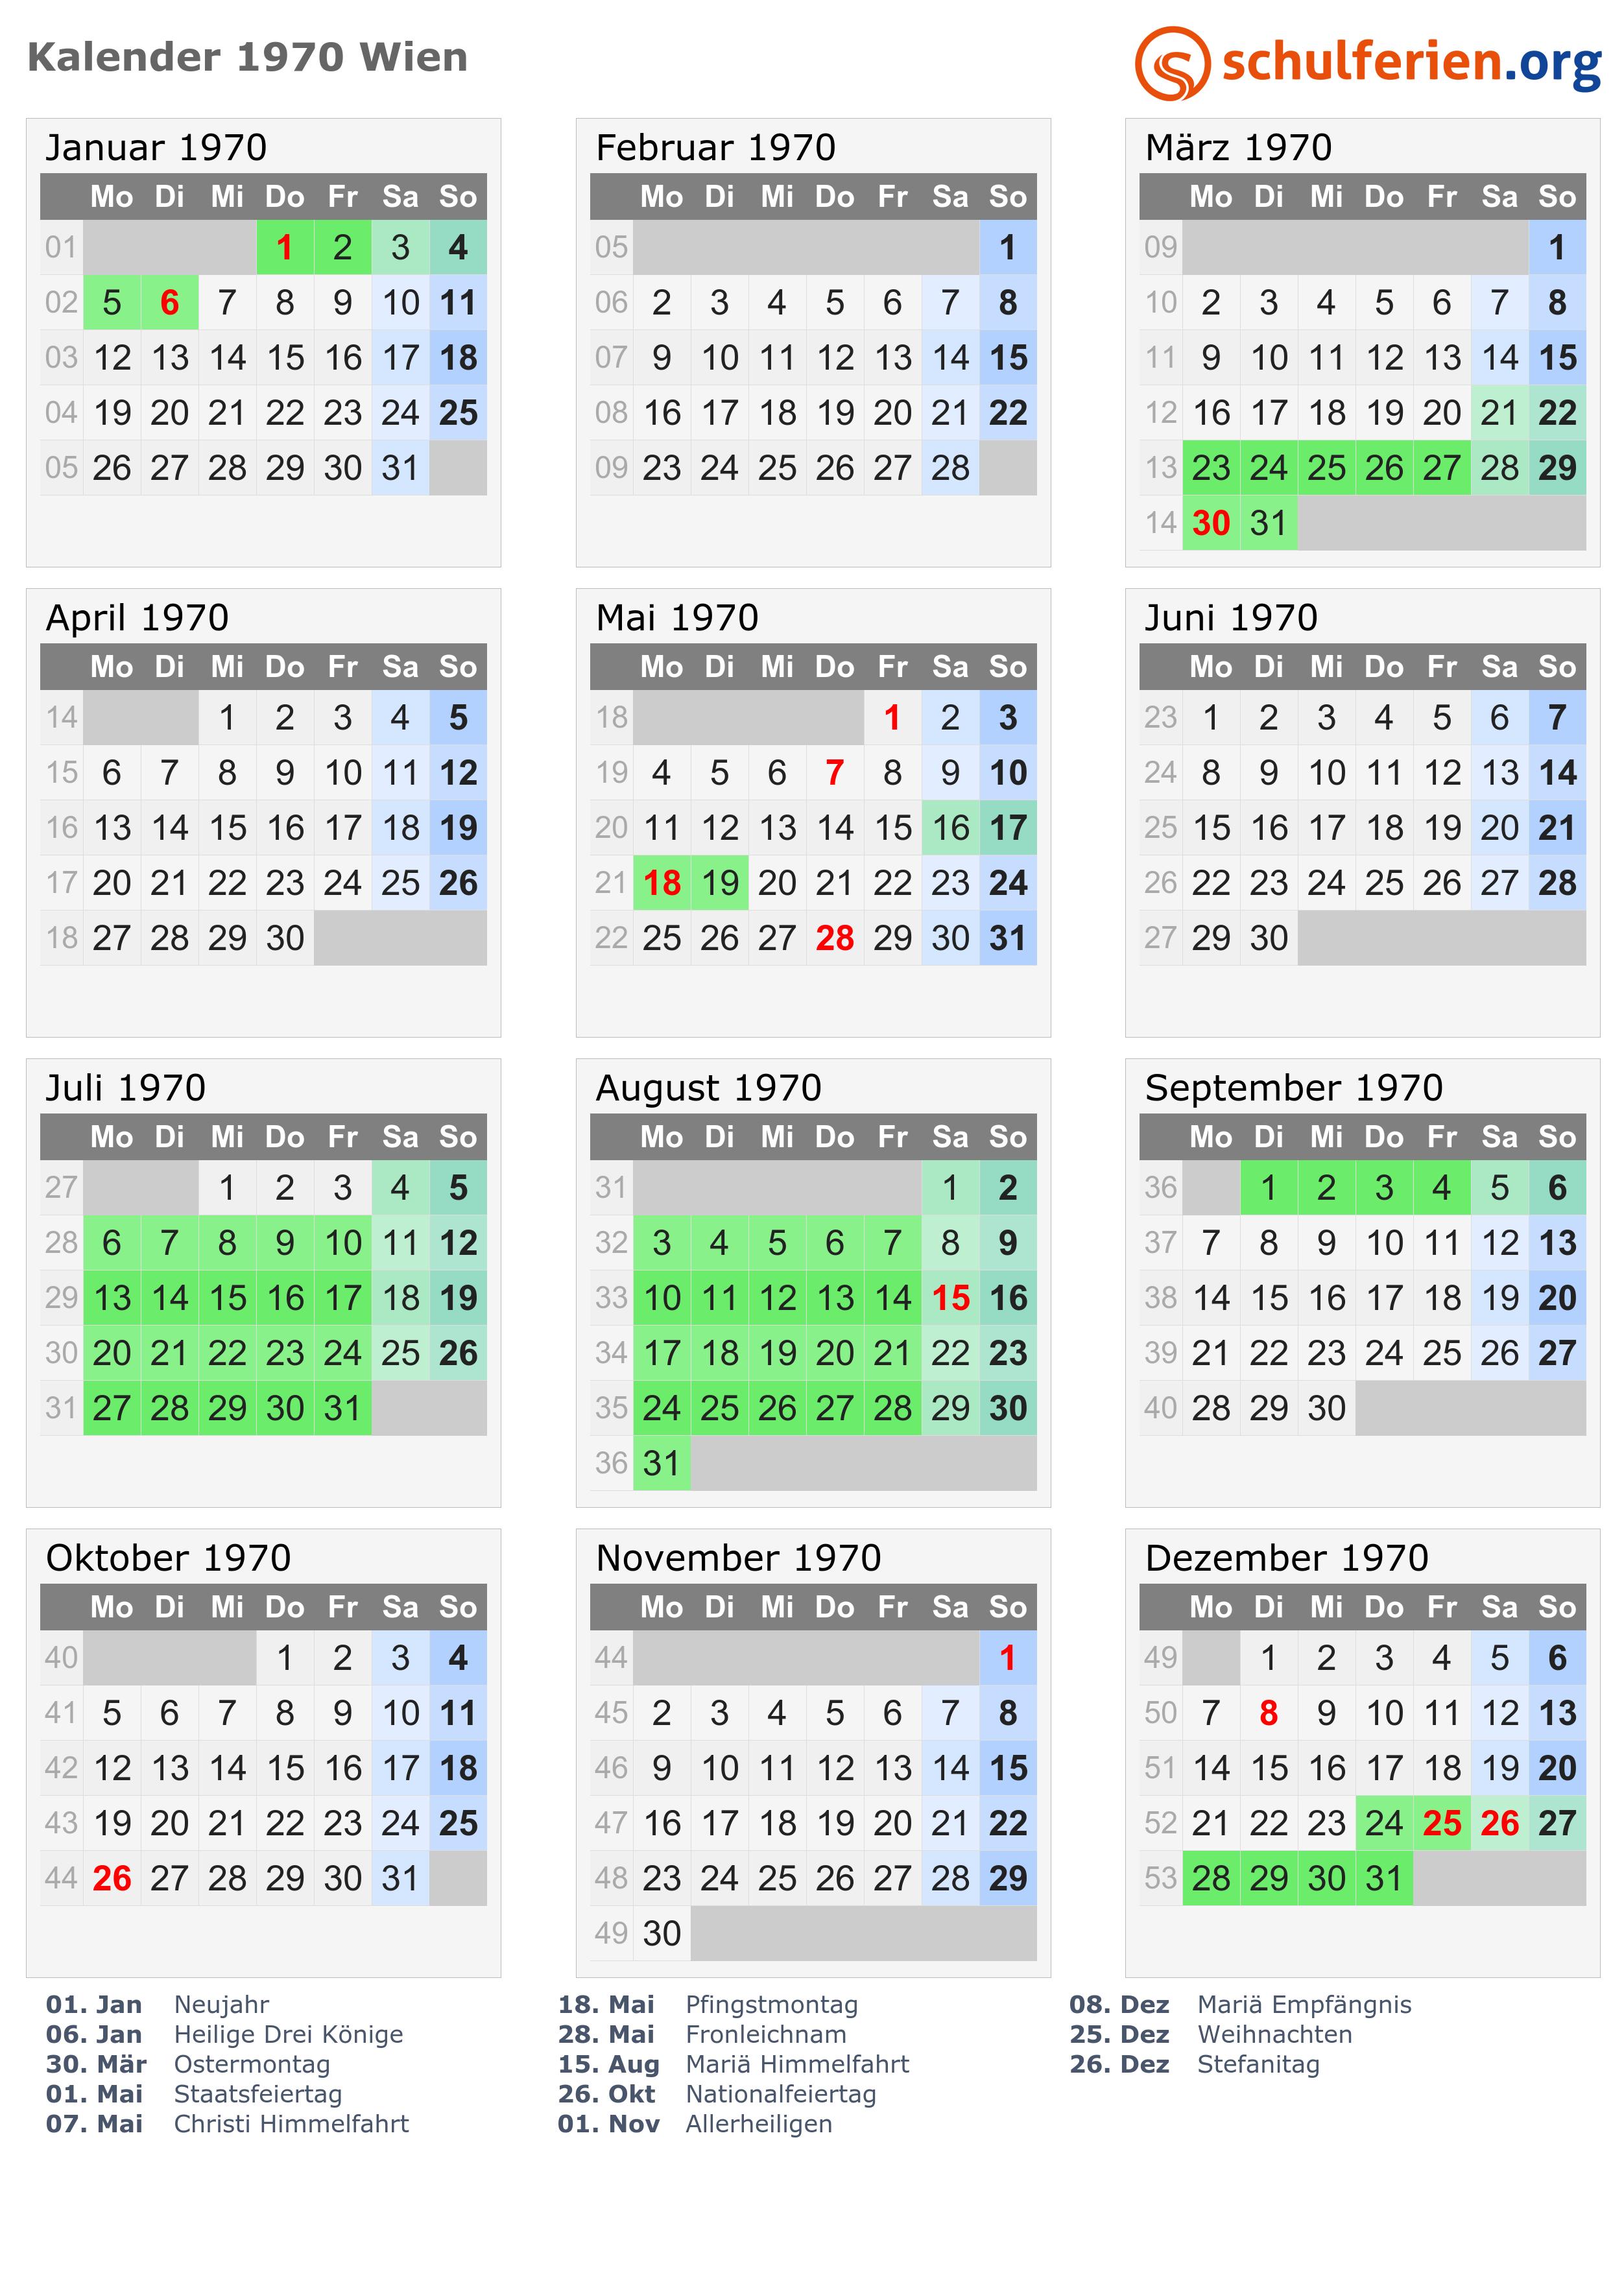 Kalender 1970 Wien